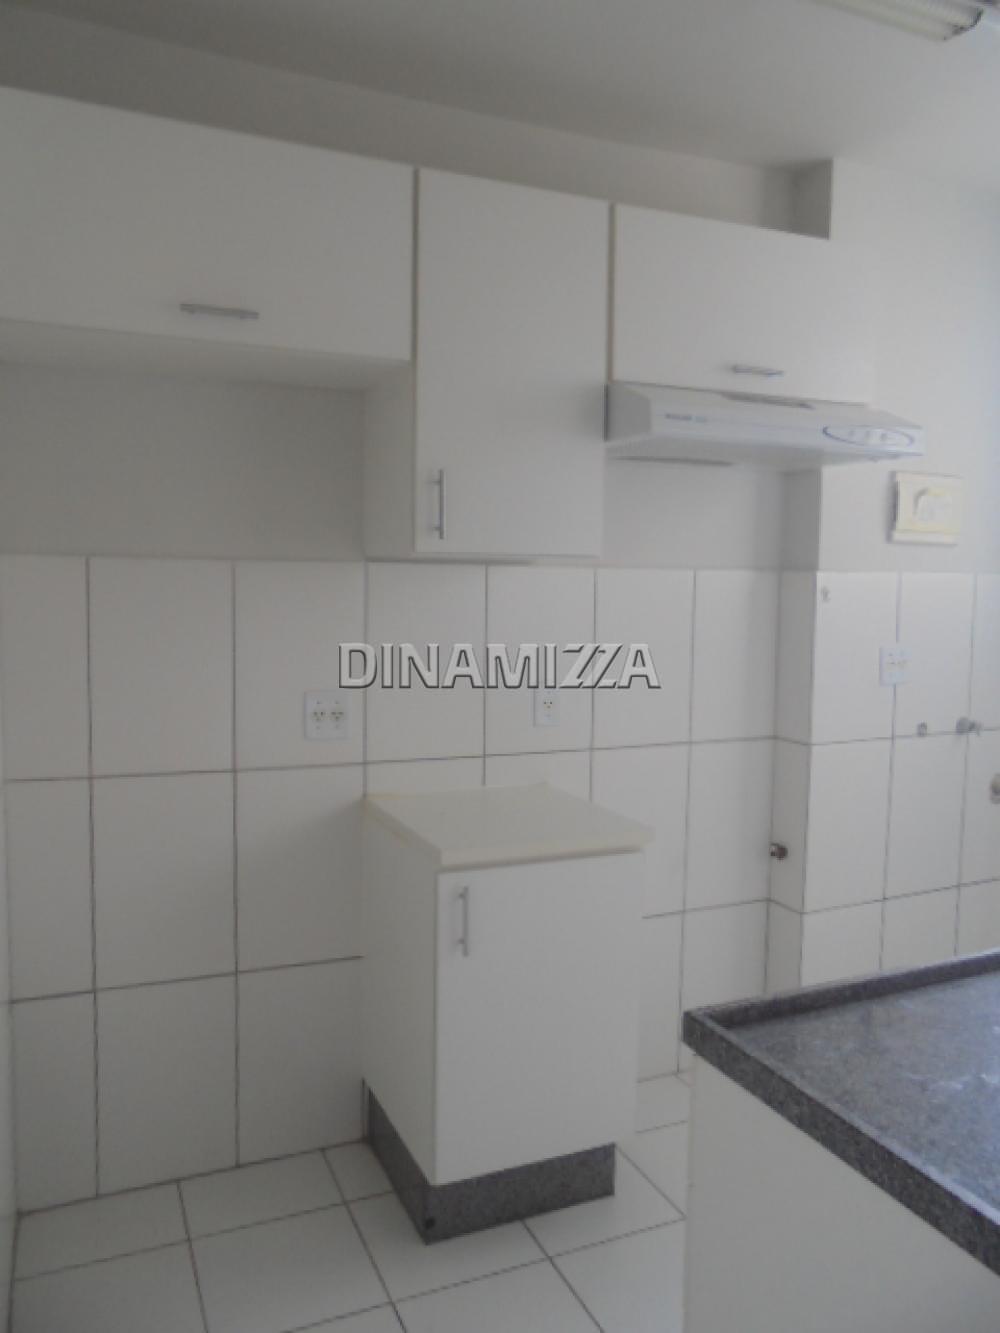 Comprar Apartamento / Padrão em Uberaba R$ 170.000,00 - Foto 4